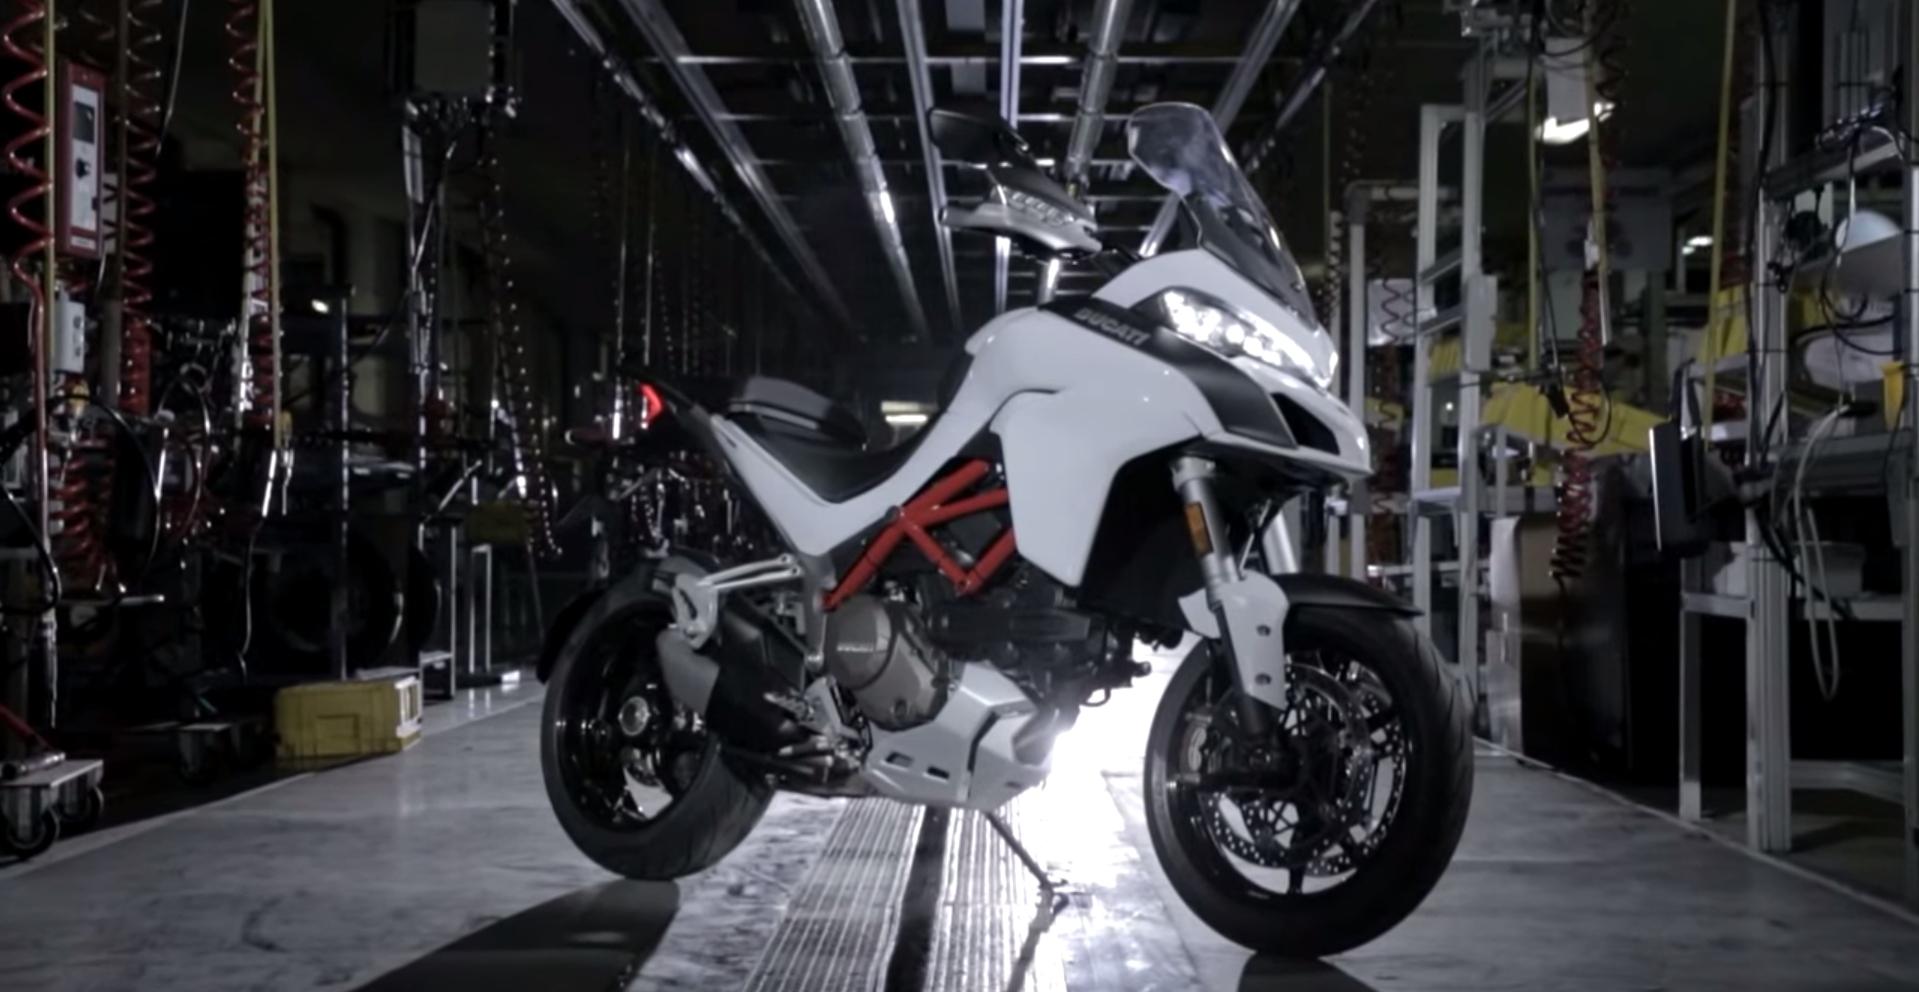 Toàn bộ quá trình sản xuất một chiếc Ducati Multistrada 1200